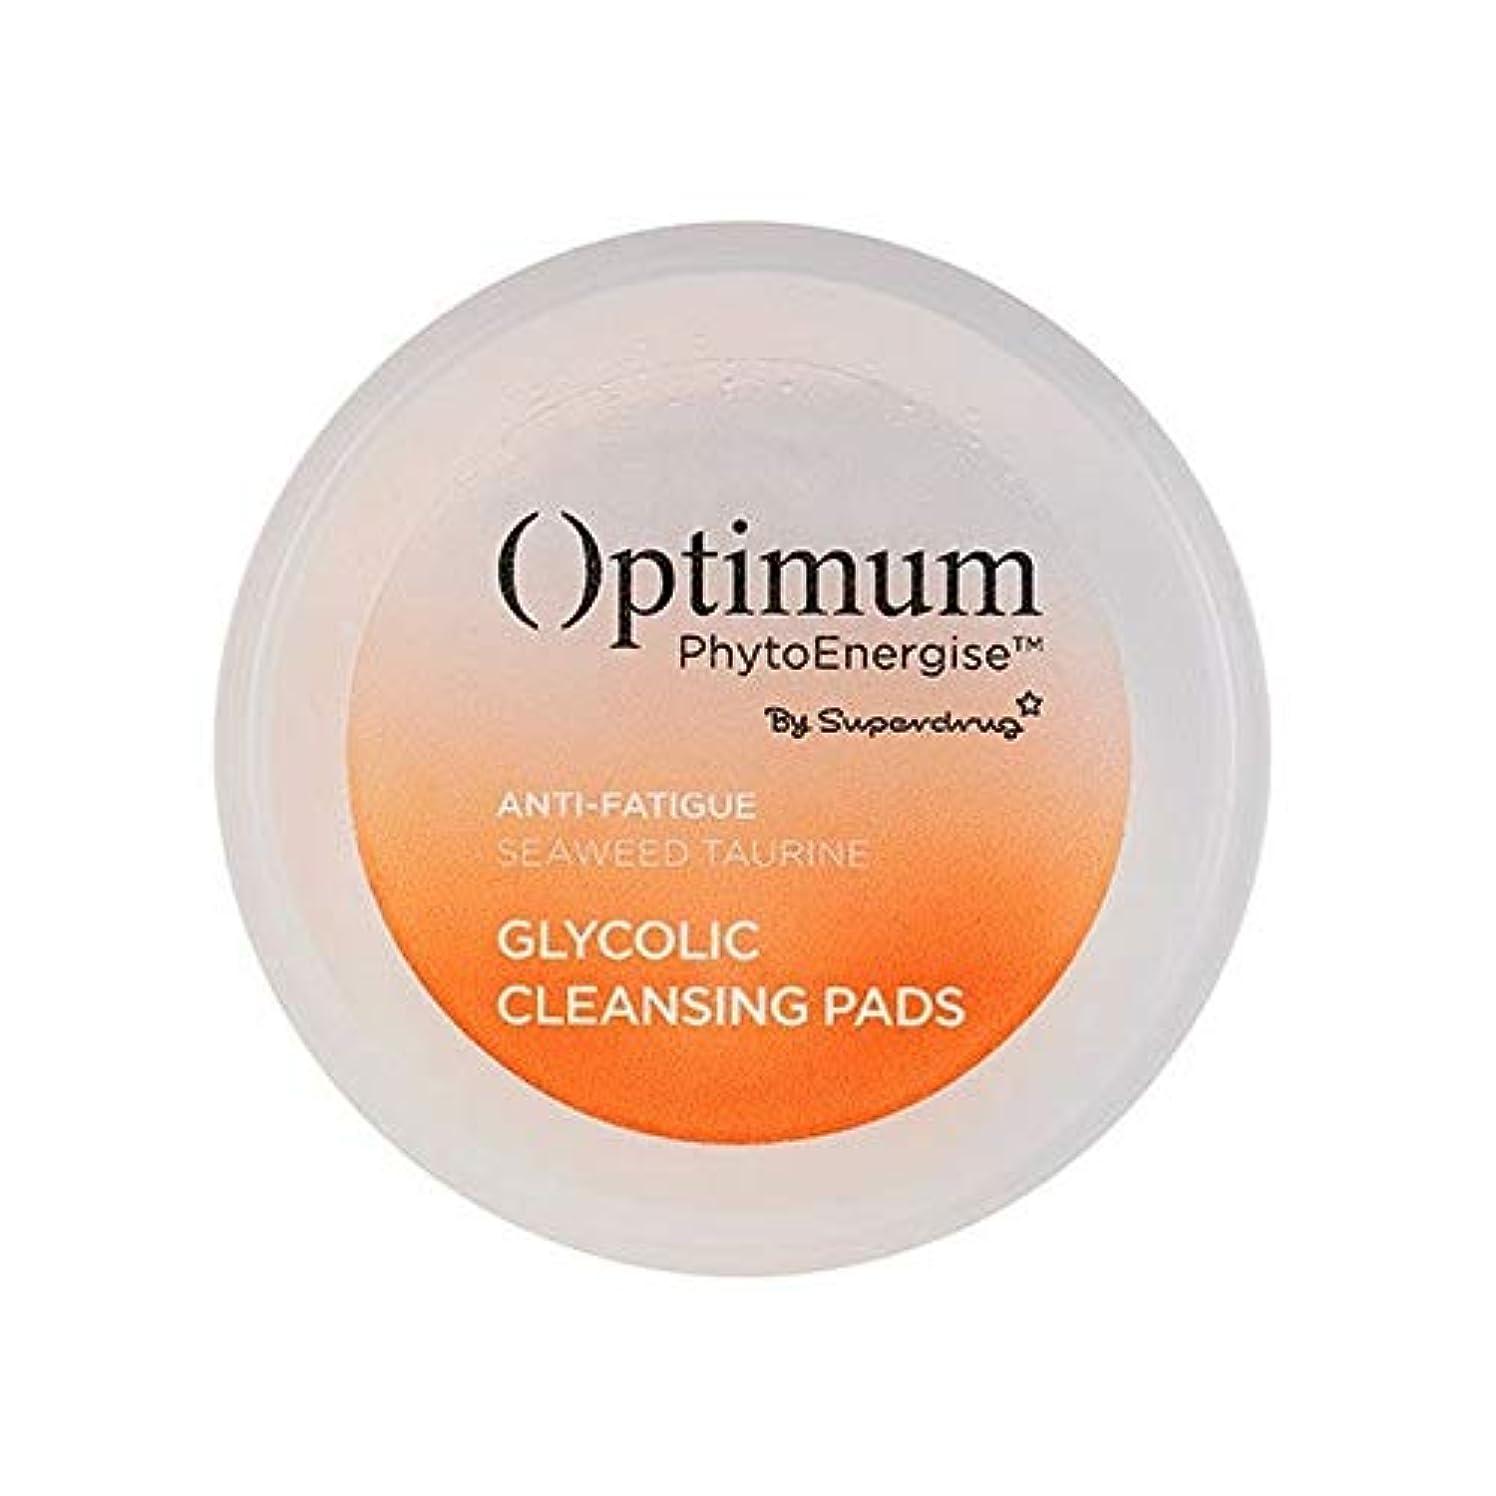 注入カビスーパー[Optimum ] 最適Phytoenergiseグリコールクレンジングパッド - Optimum PhytoEnergise Glycolic Cleansing Pads [並行輸入品]